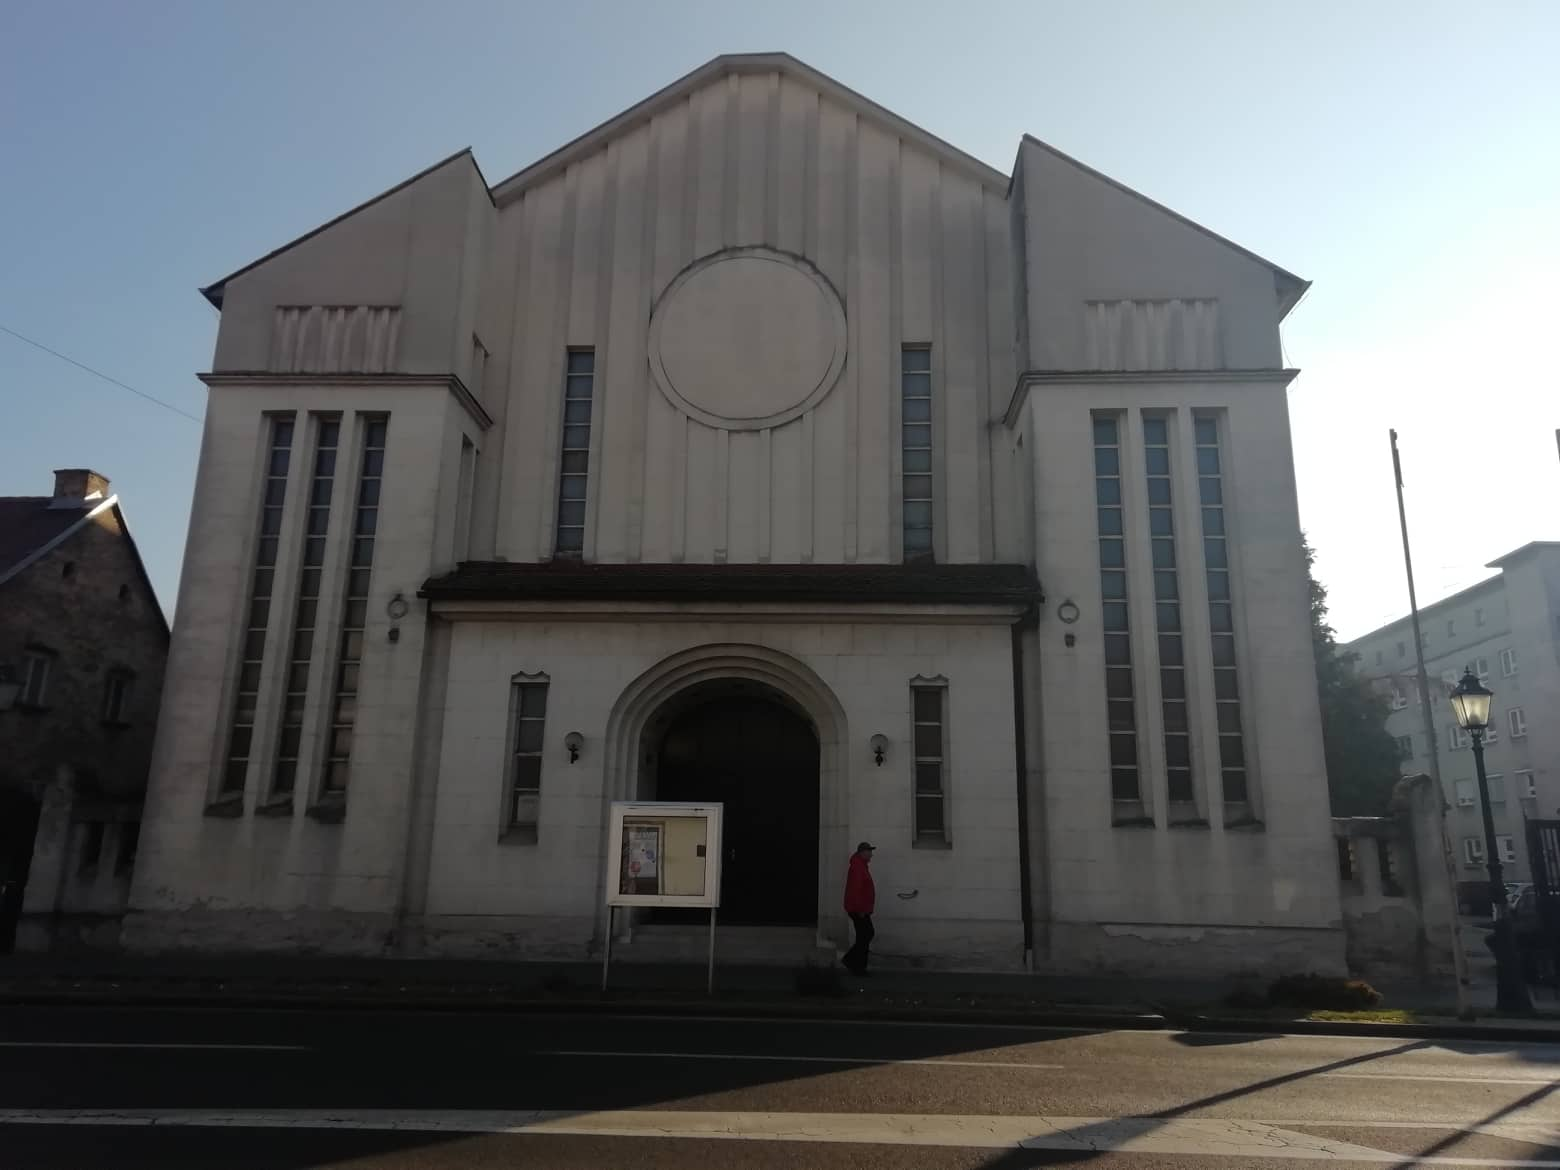 TEORIJA ZAVJERE Hrebak o pričama da Židovi i dalje žele natrag sinagogu